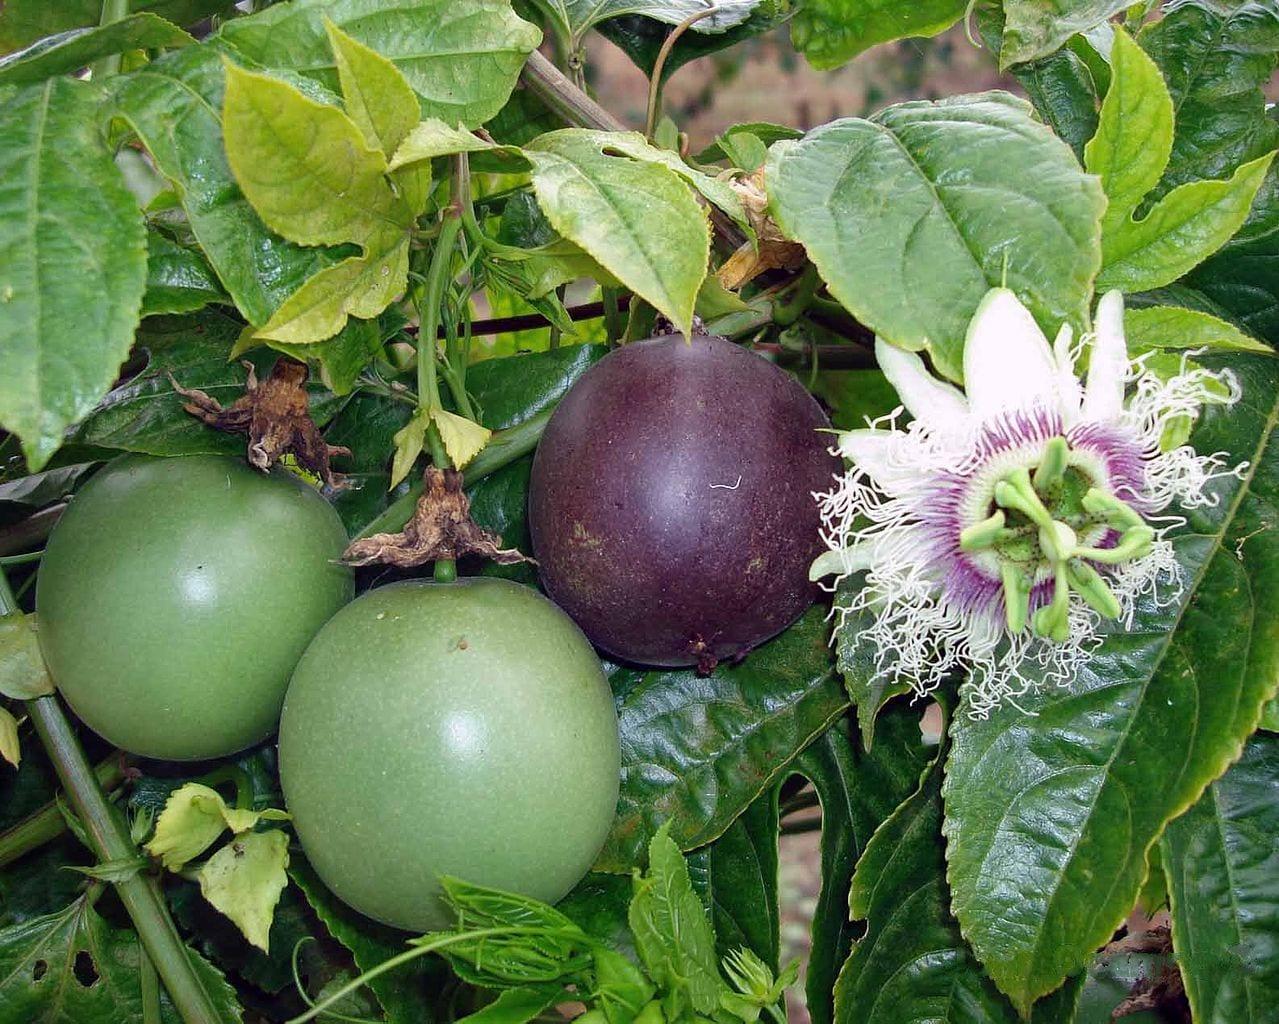 La Passiflora edulis produce frutos comestibles